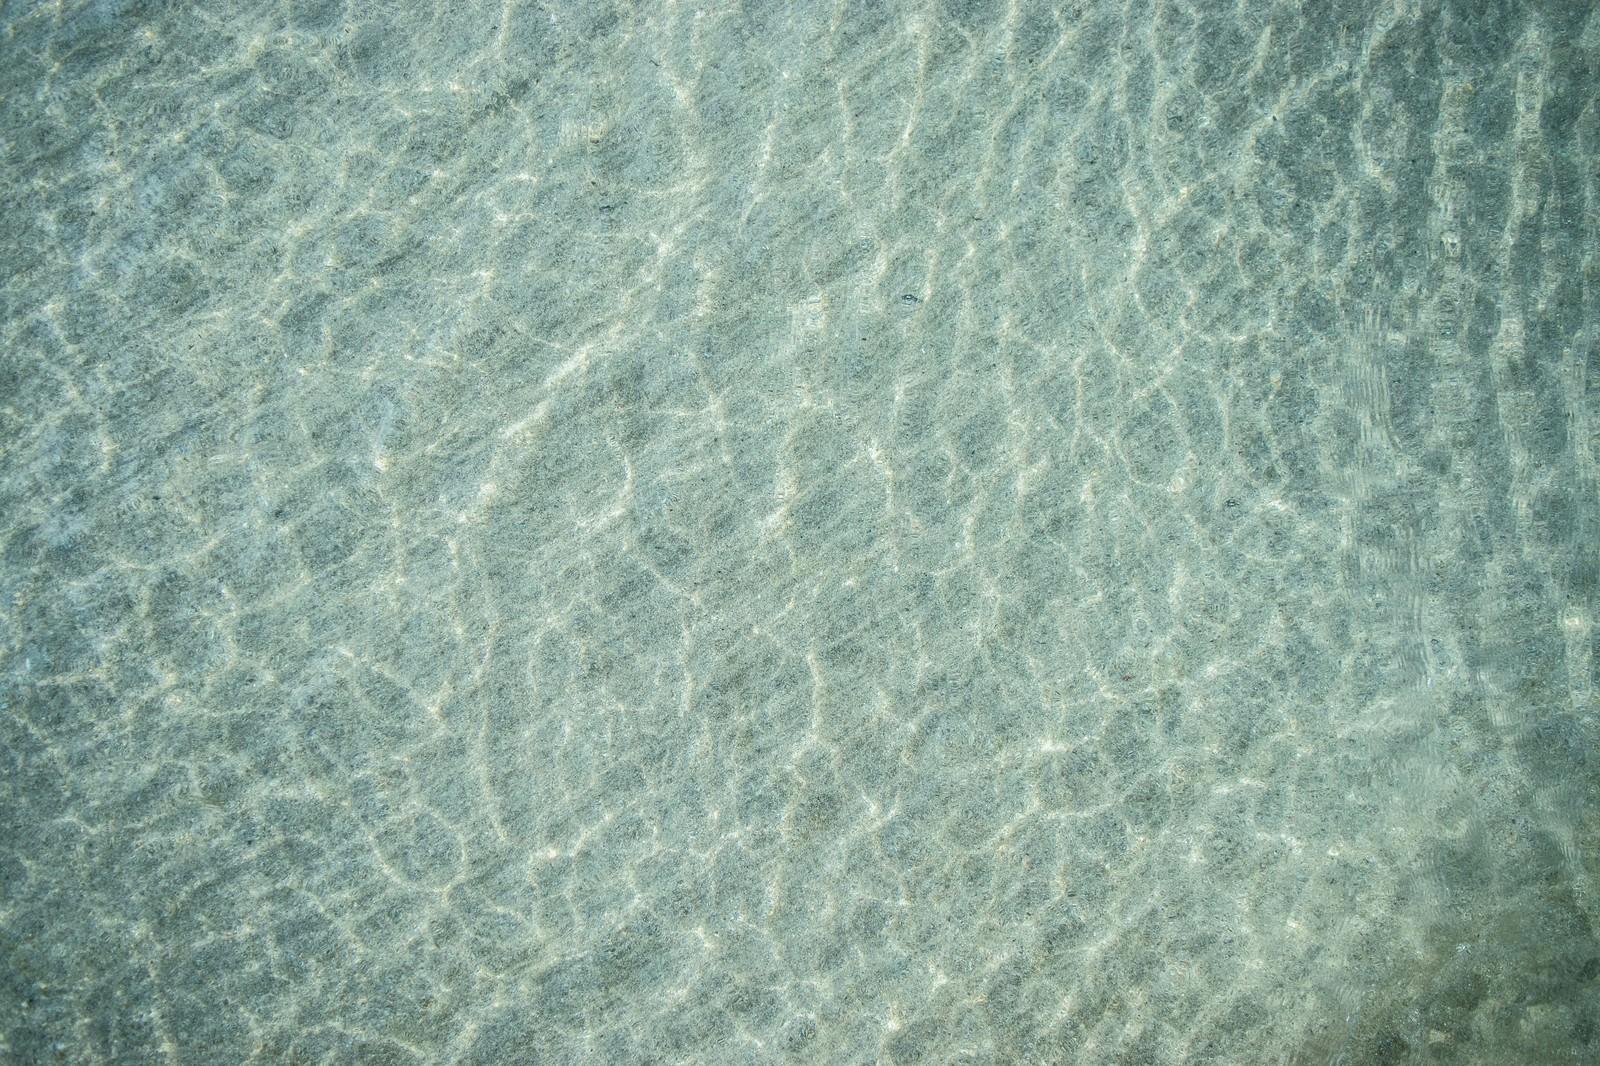 「浅瀬の海」の写真